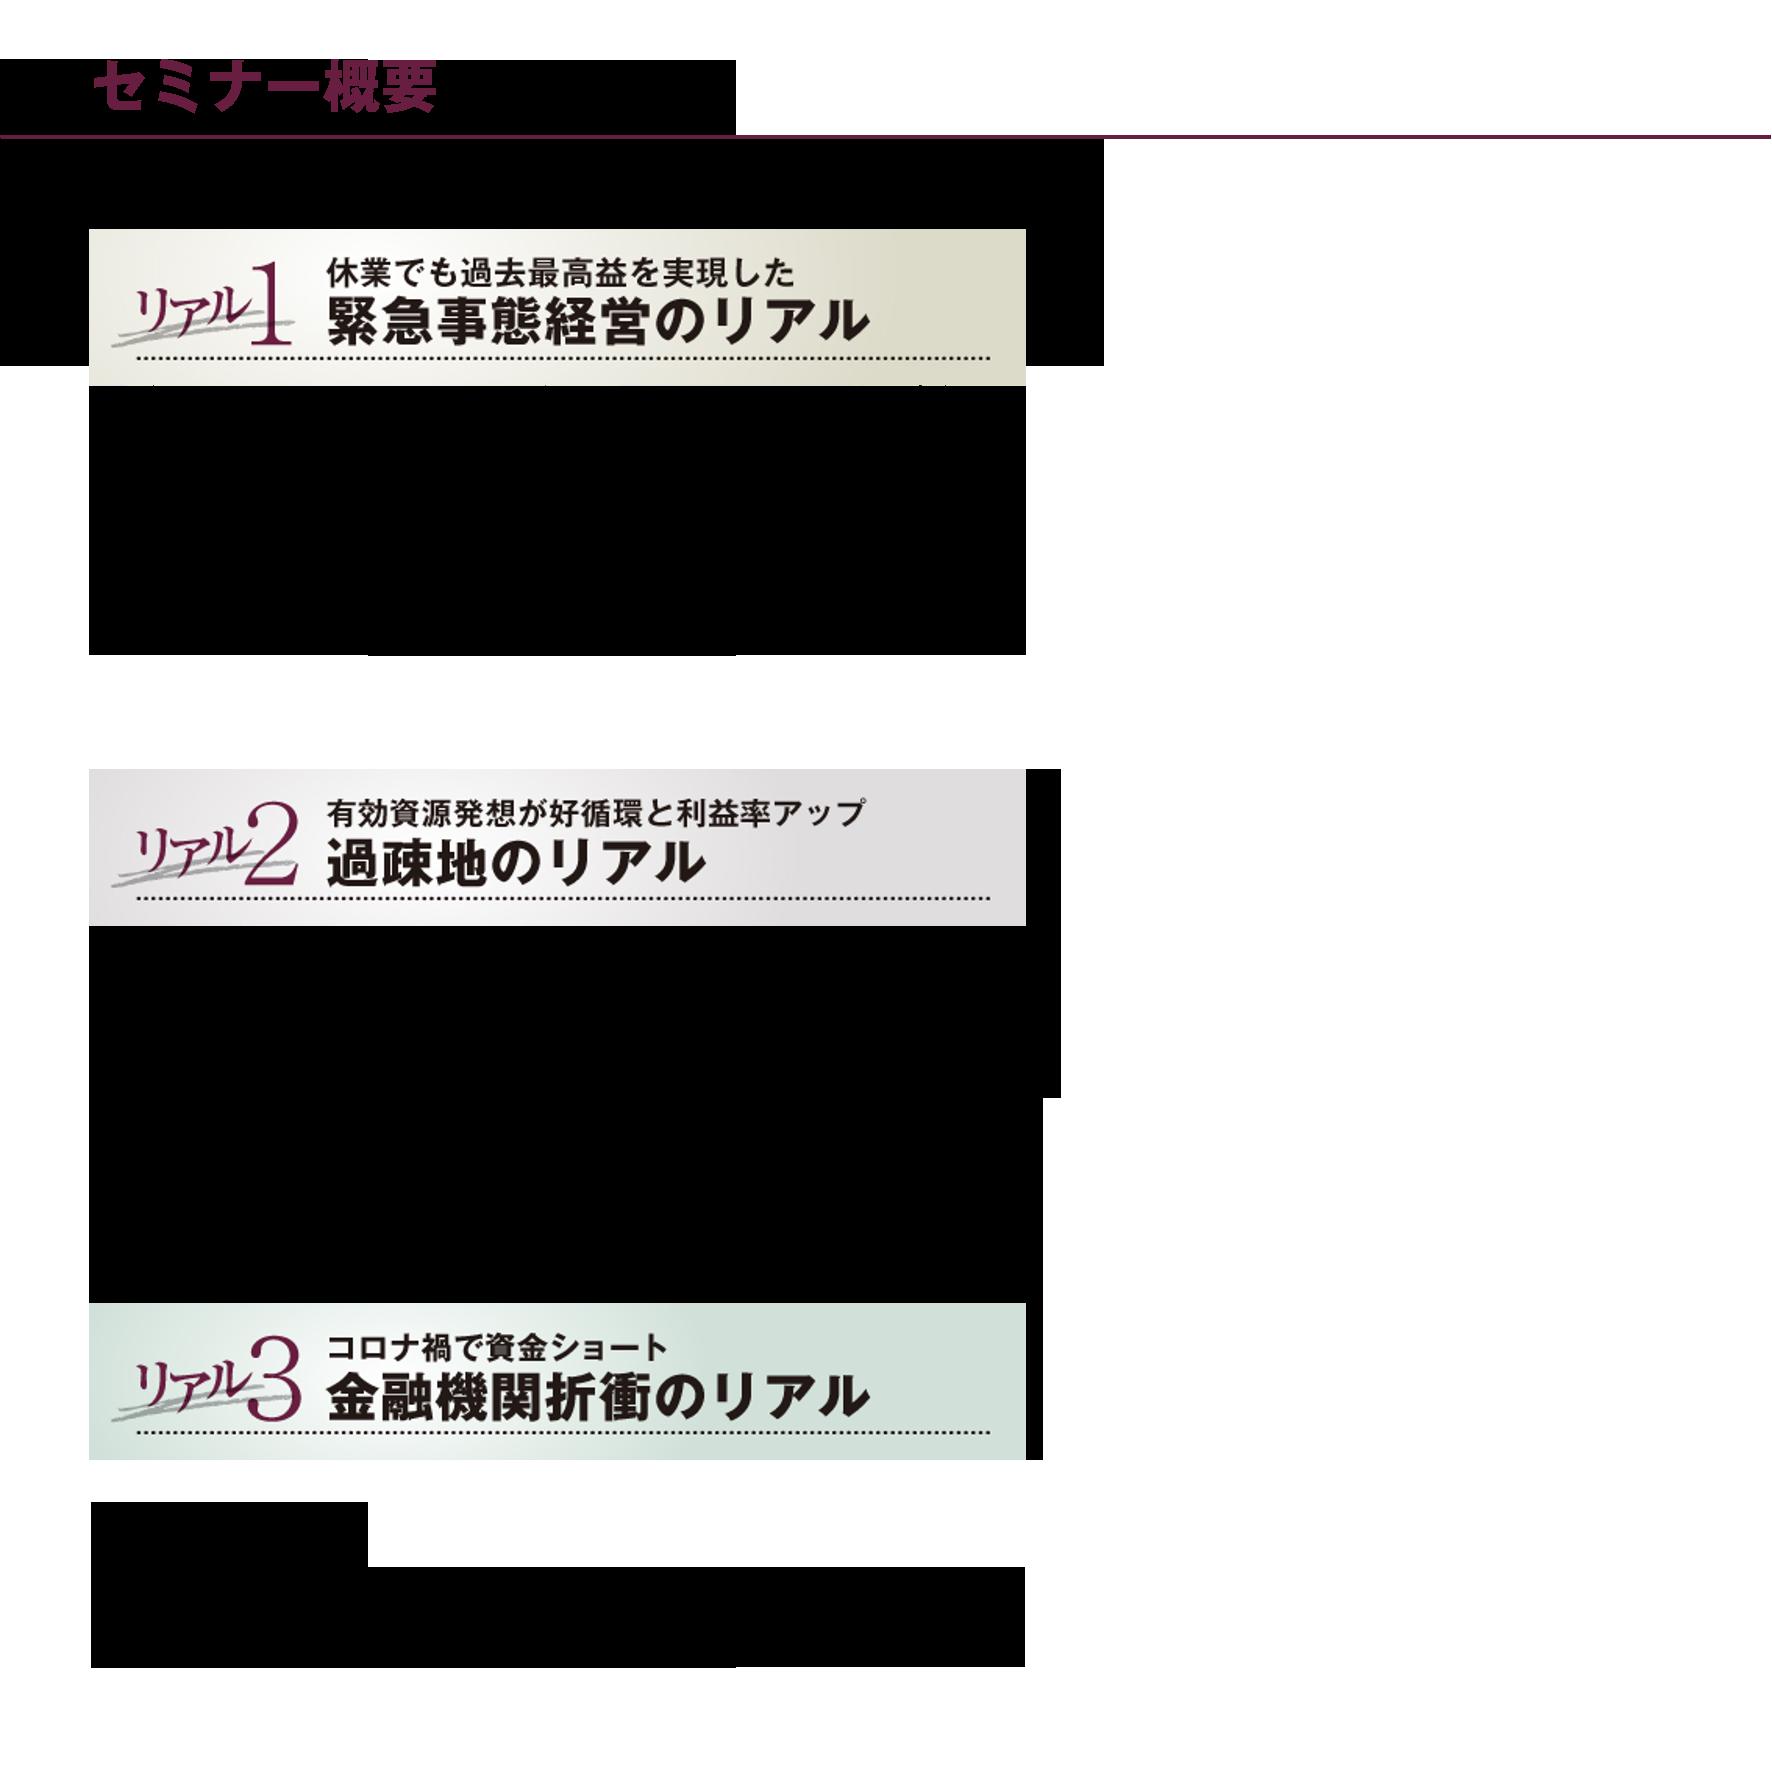 11-12月【仙台】コンテンツ部分